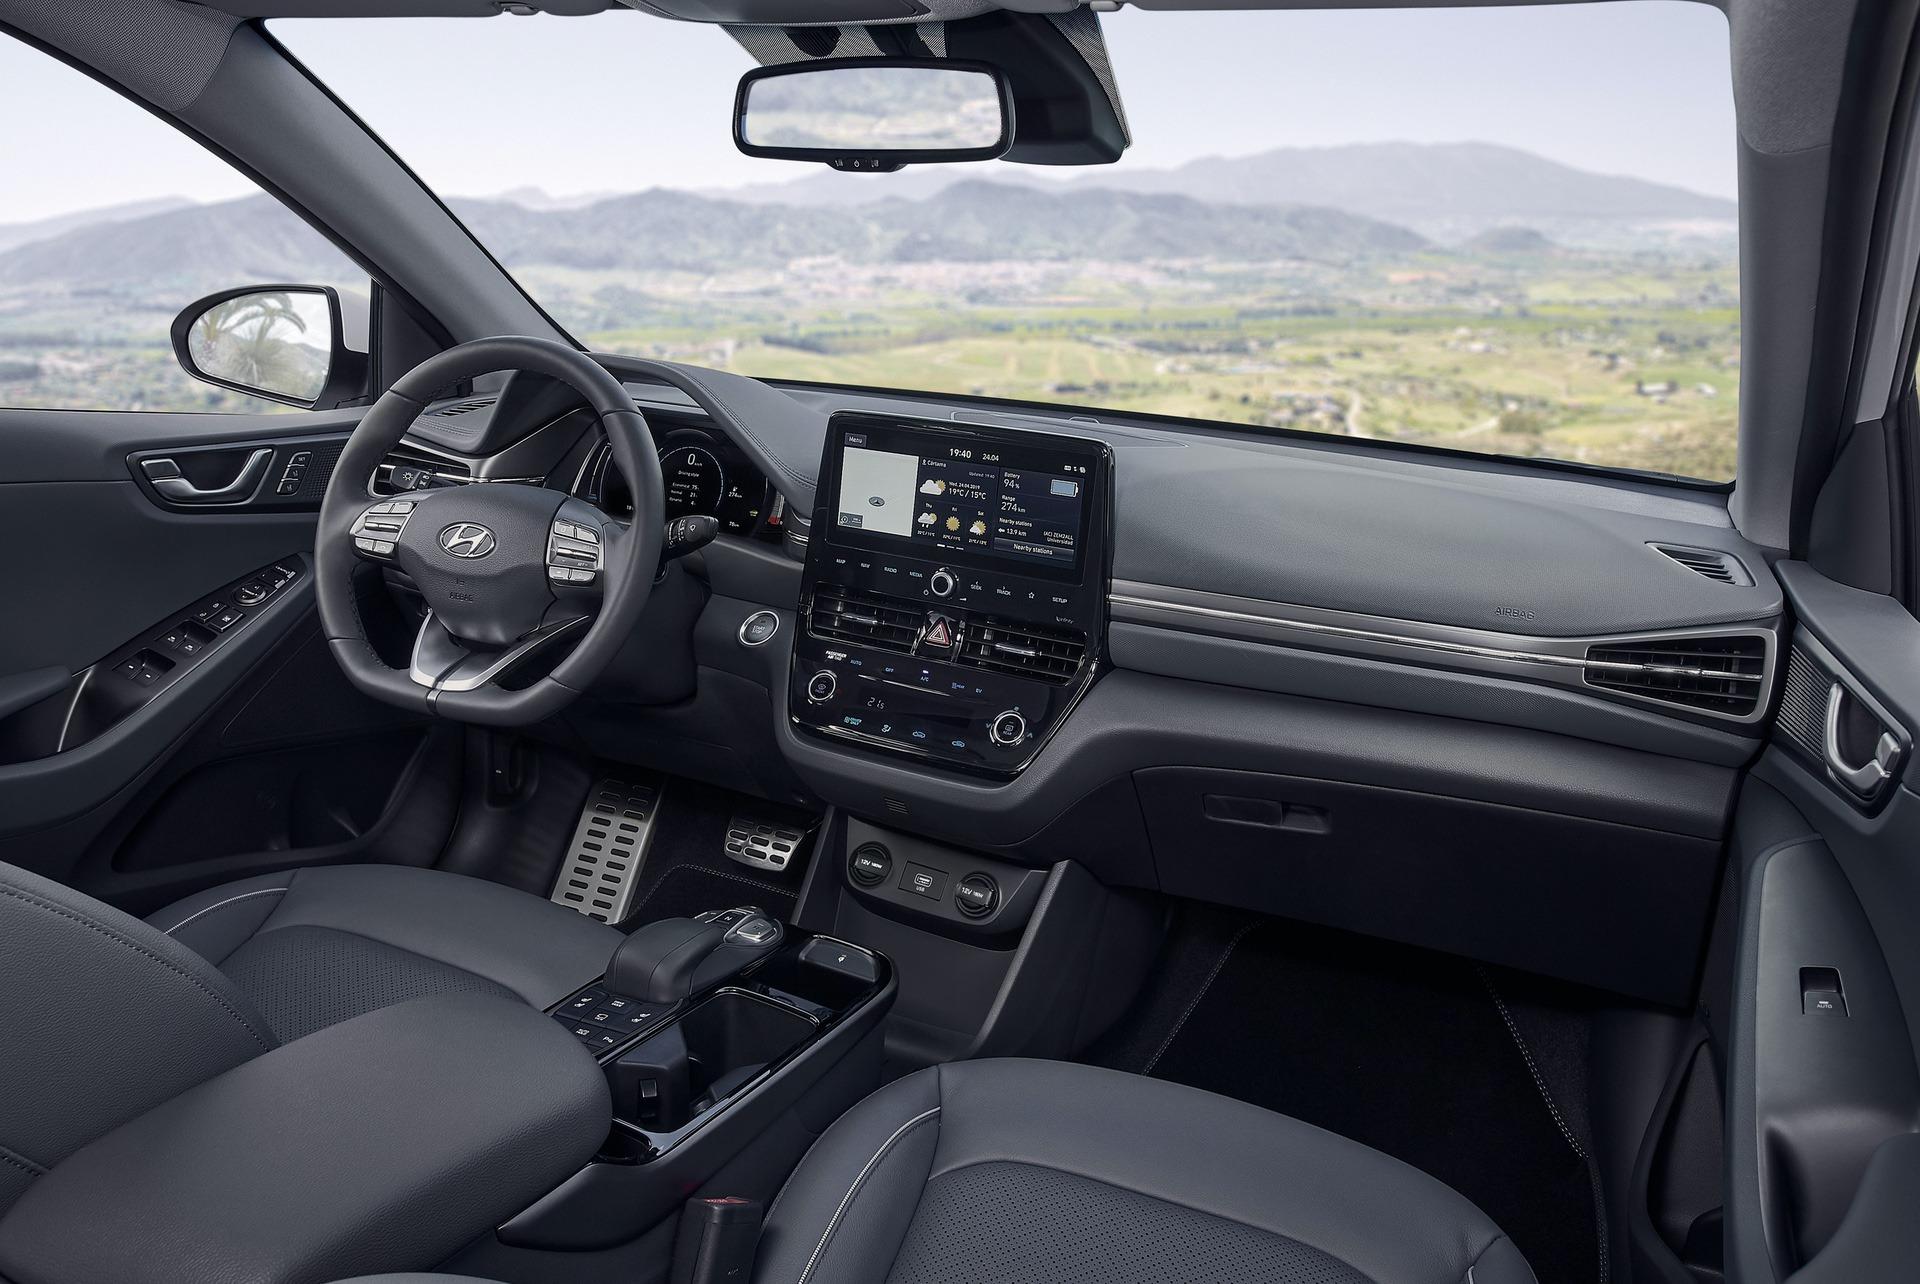 New-Hyundai-IONIQ-Electric-Interior-1